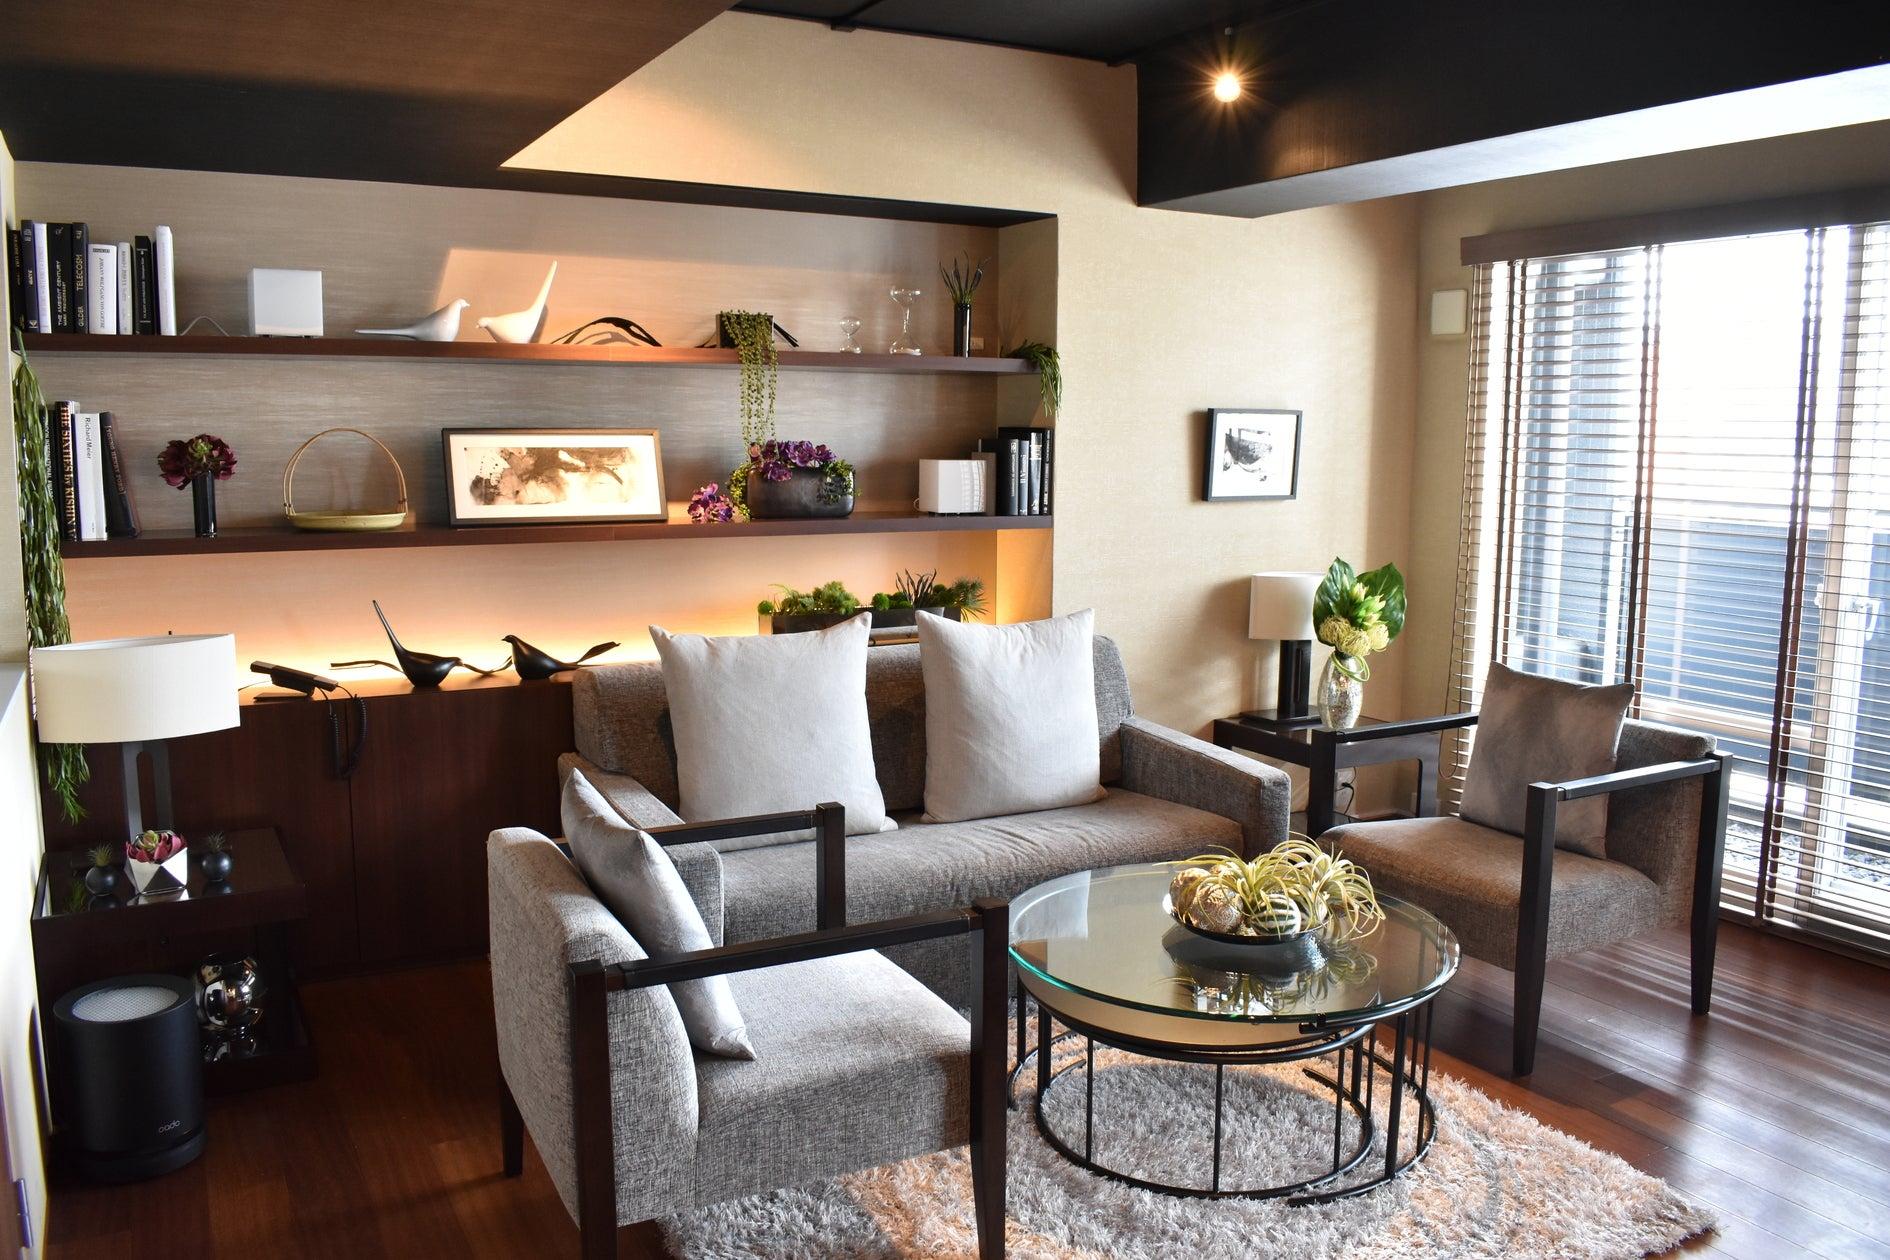 特別割引中!【六本木・西麻布】デザイナーズホテル内の一室 スカイツリーも見渡せる13階の個室ラグジュアリースペース! (ホテル&レジデンス六本木【サロン1310号室】) の写真0